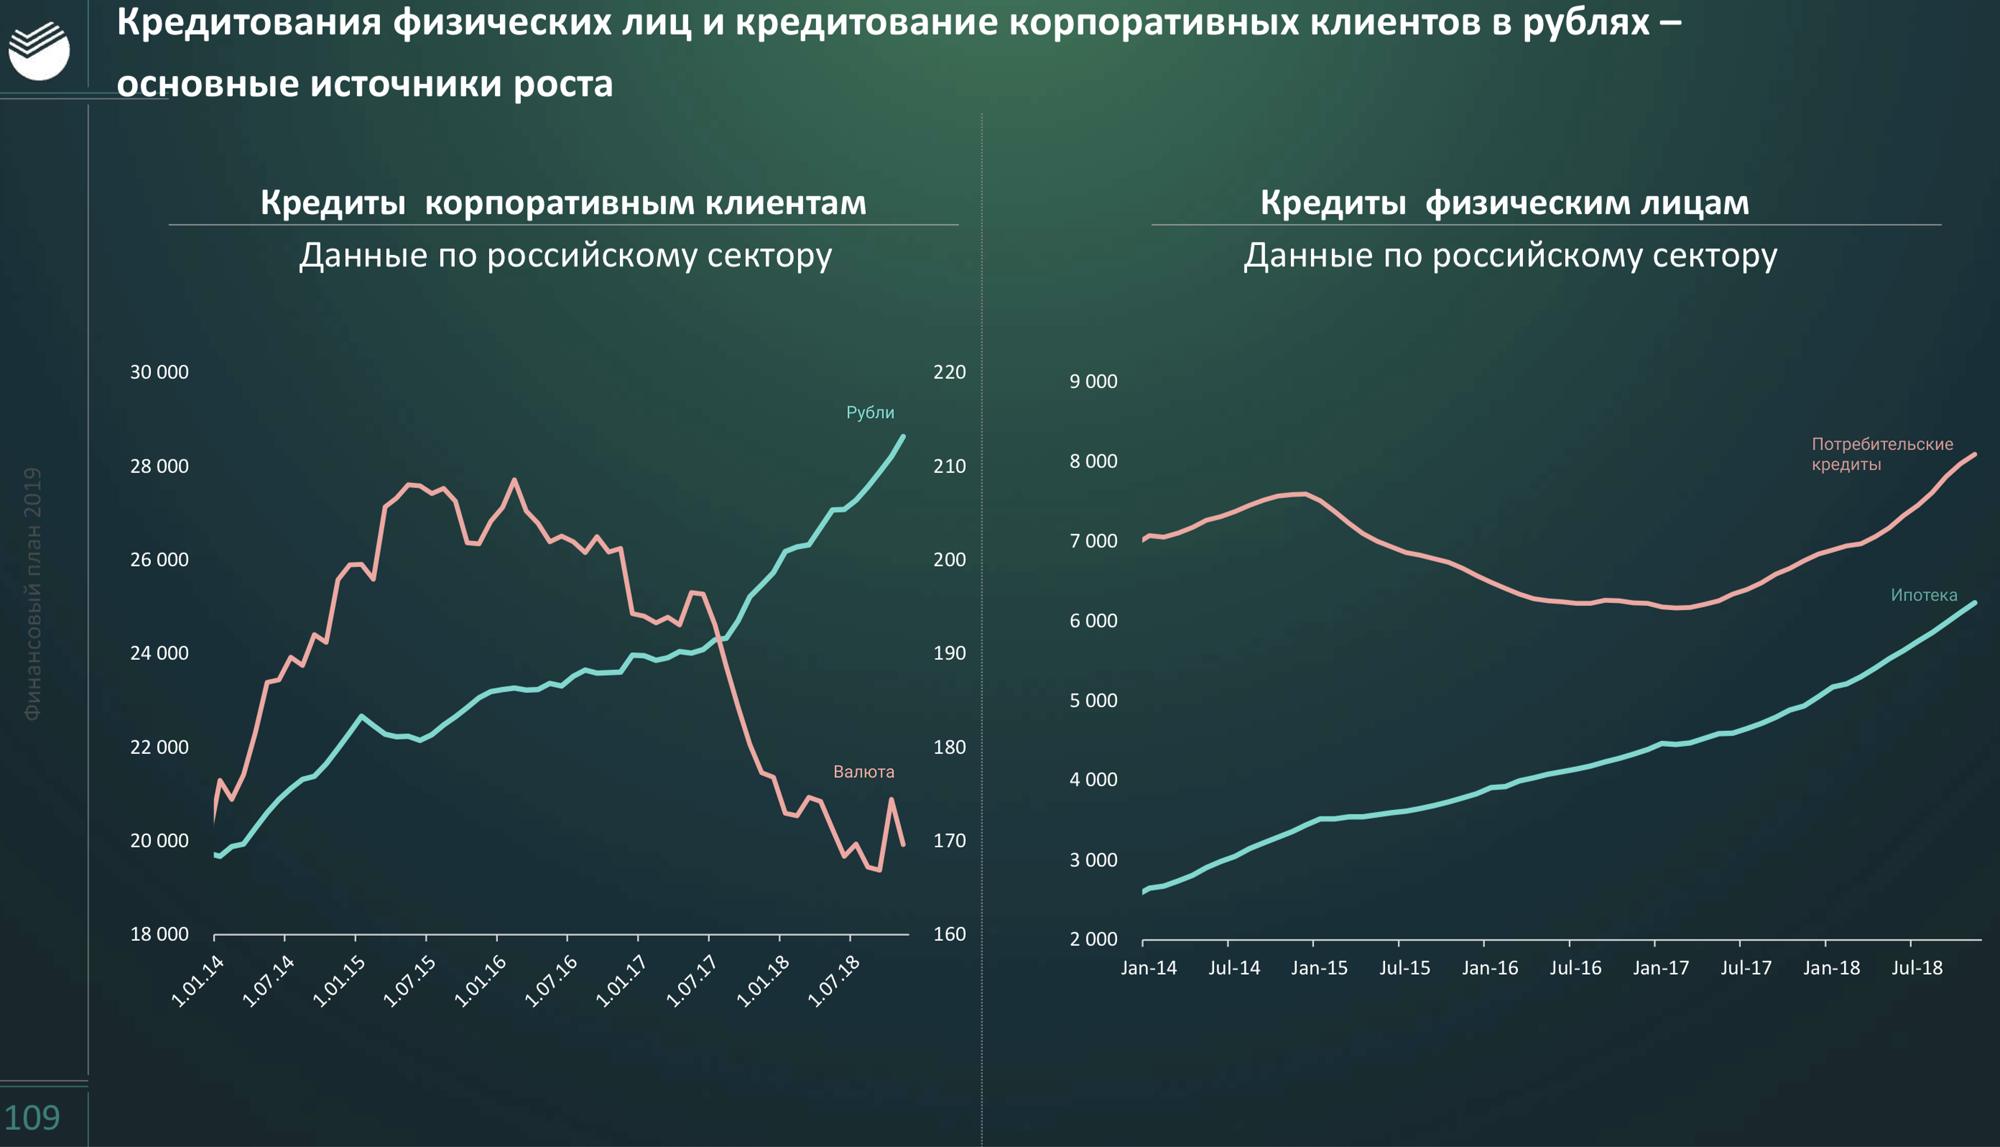 Количество кредитов в валюте падает у всех российских банков. В Сбербанке валютные кредиты берут компании-экспортеры — риск просрочки уменьшается